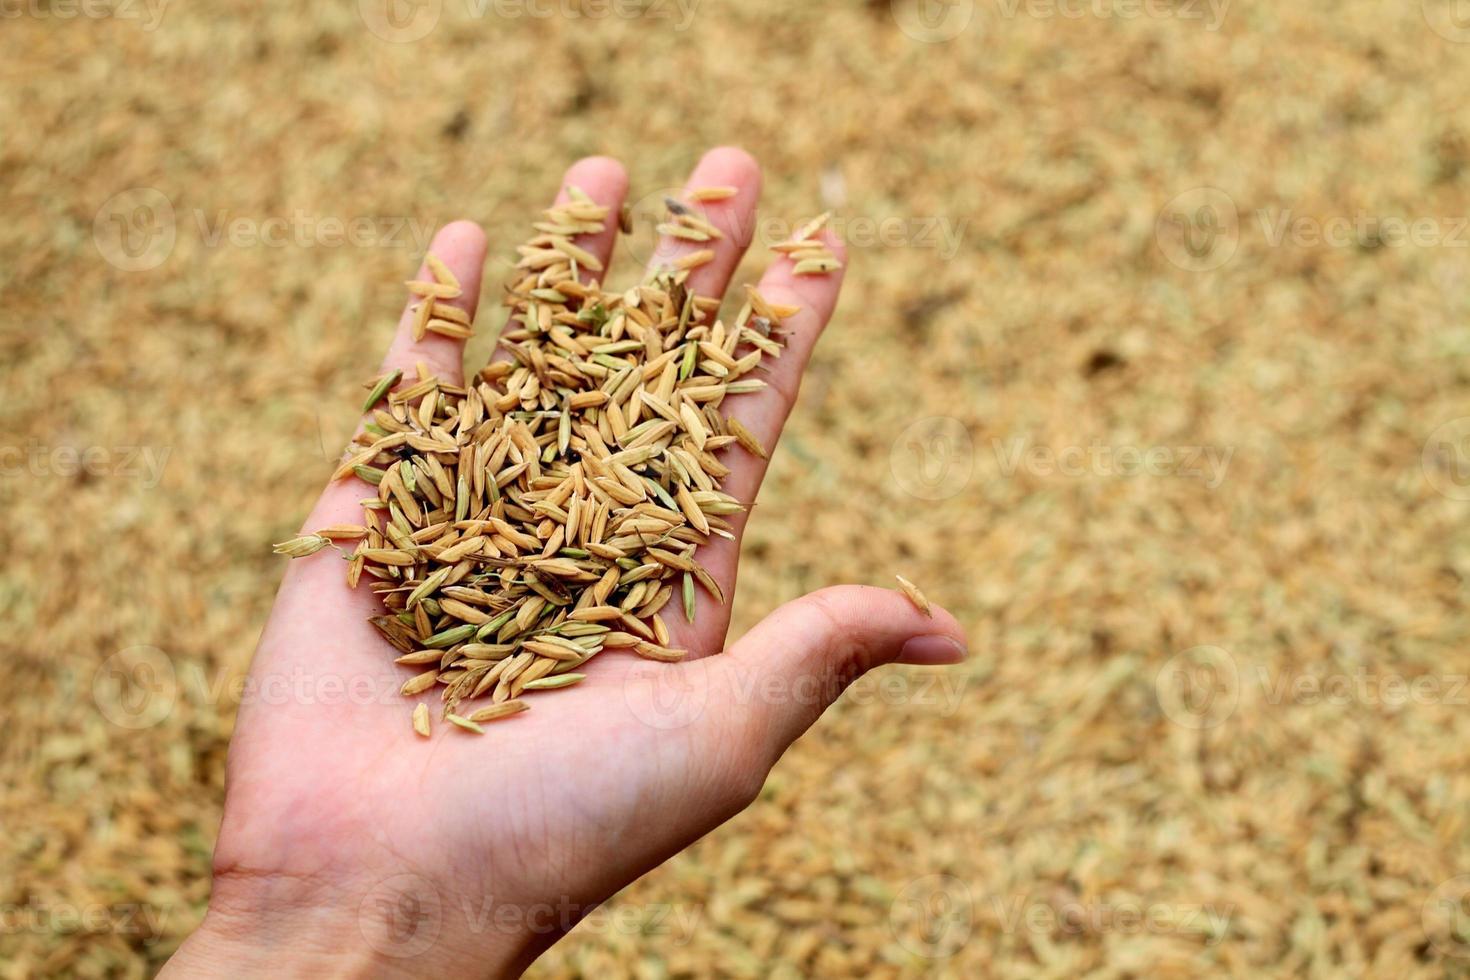 grano de arroz en manos foto